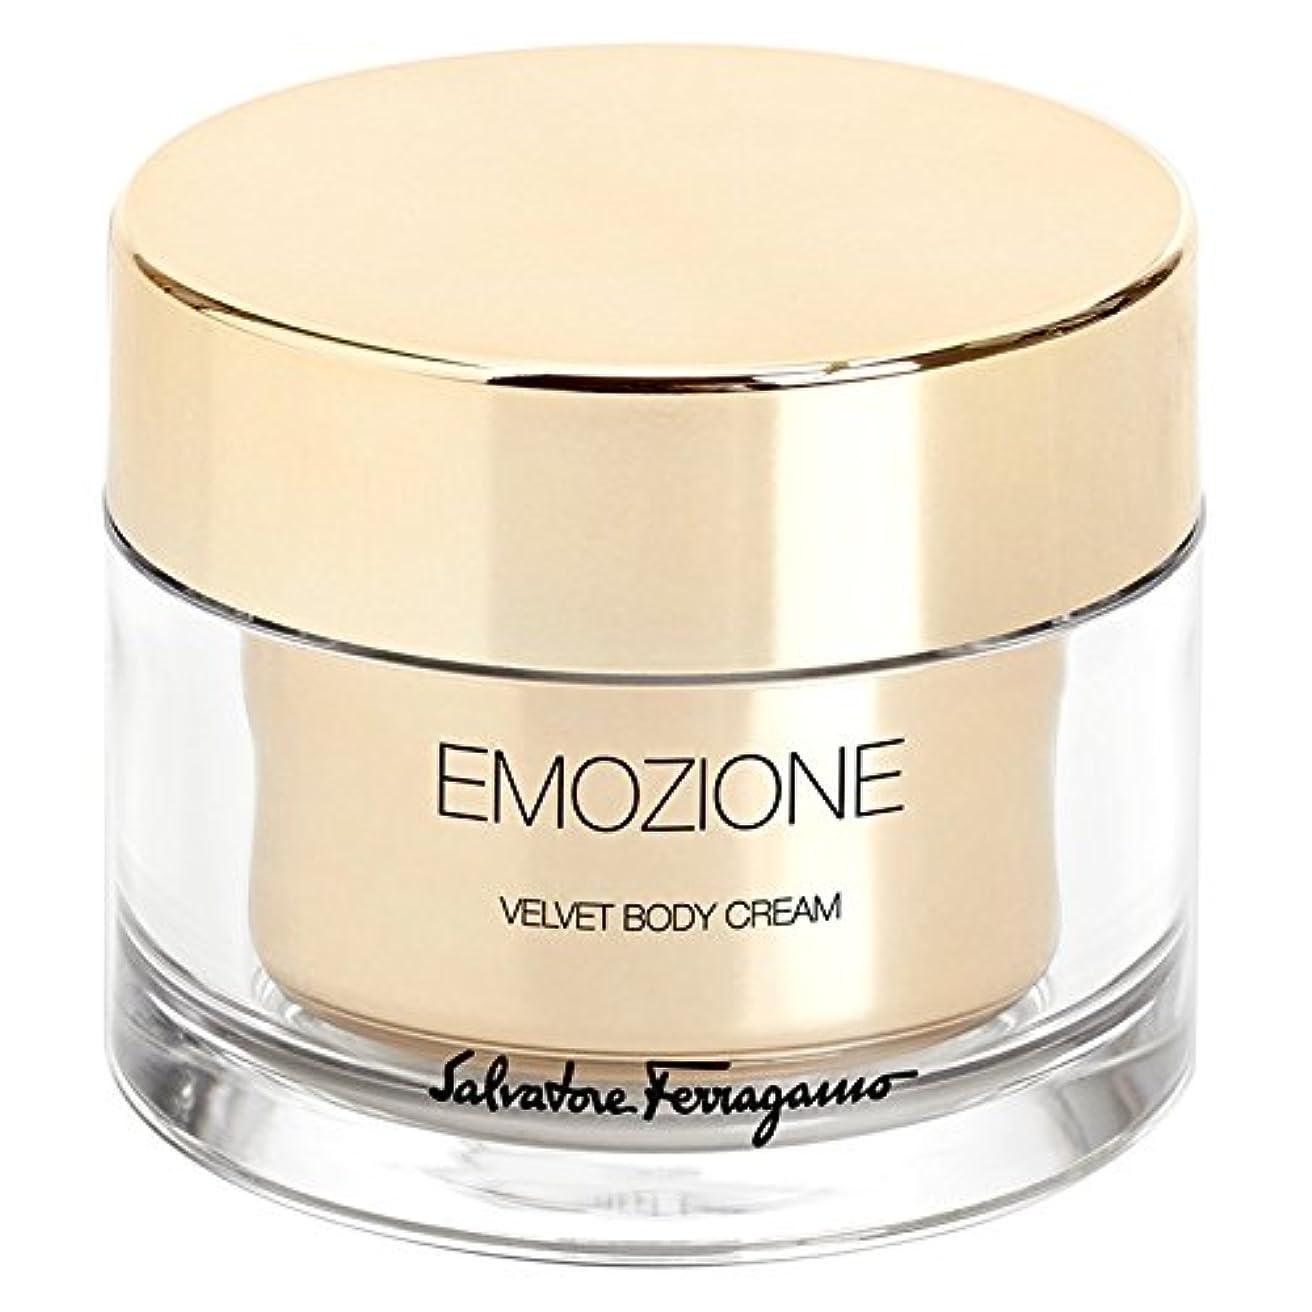 頼むインスタントフラップサルバトーレ?フェラガモEmozioneベルベットボディクリーム150ミリリットル (Salvatore Ferragamo) (x2) - Salvatore Ferragamo Emozione Velvet Body Cream 150ml (Pack of 2) [並行輸入品]